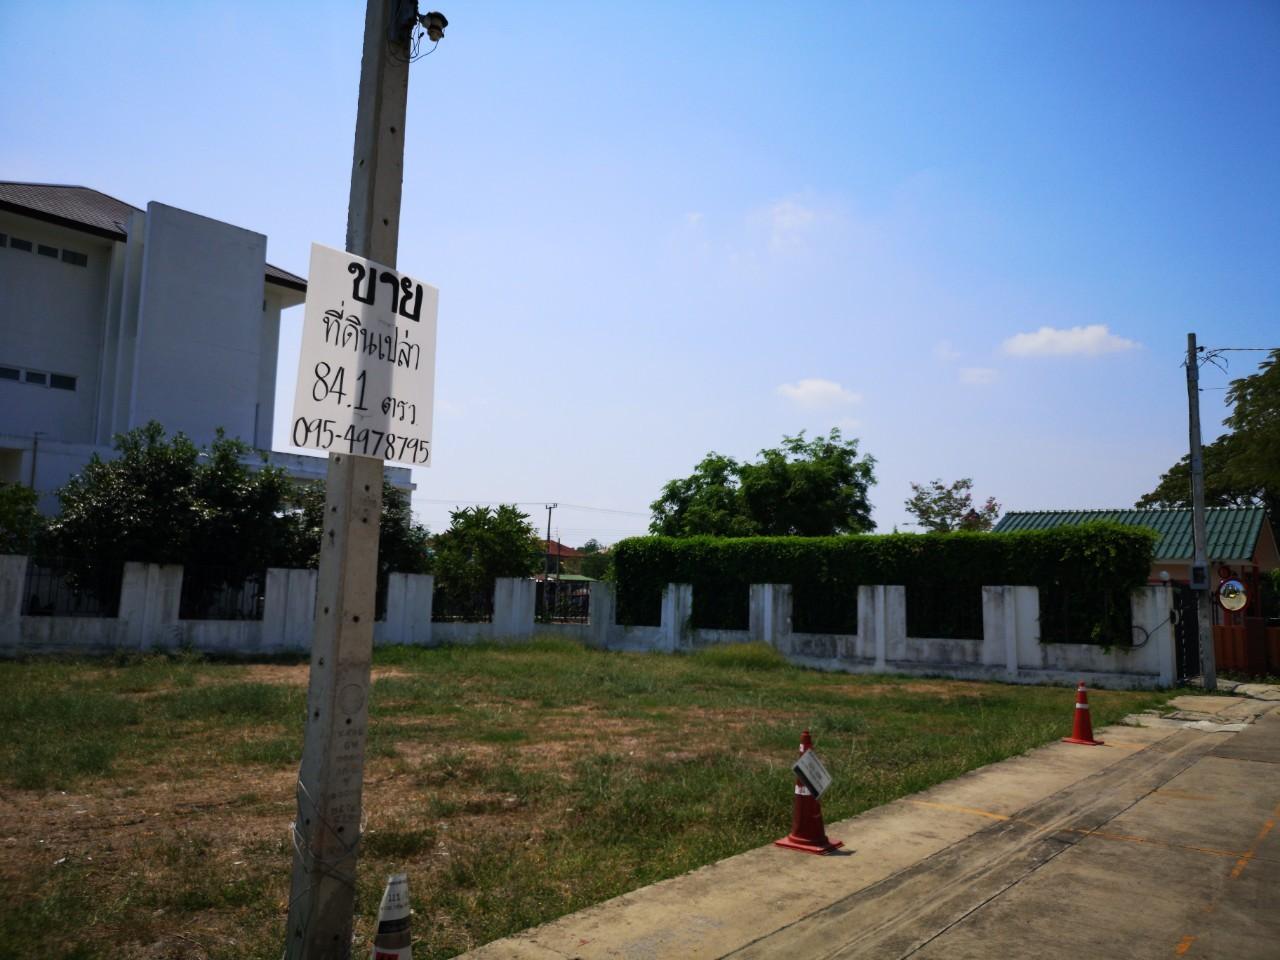 ภาพขายที่ดินเปล่าถมแล้ว อยู่ในหมู่บ้านธาราดี ติดถนนราชพฤกษ์ พื้นที่ 84.1ตรว.ใกล้ MRT บางรักใหญ่